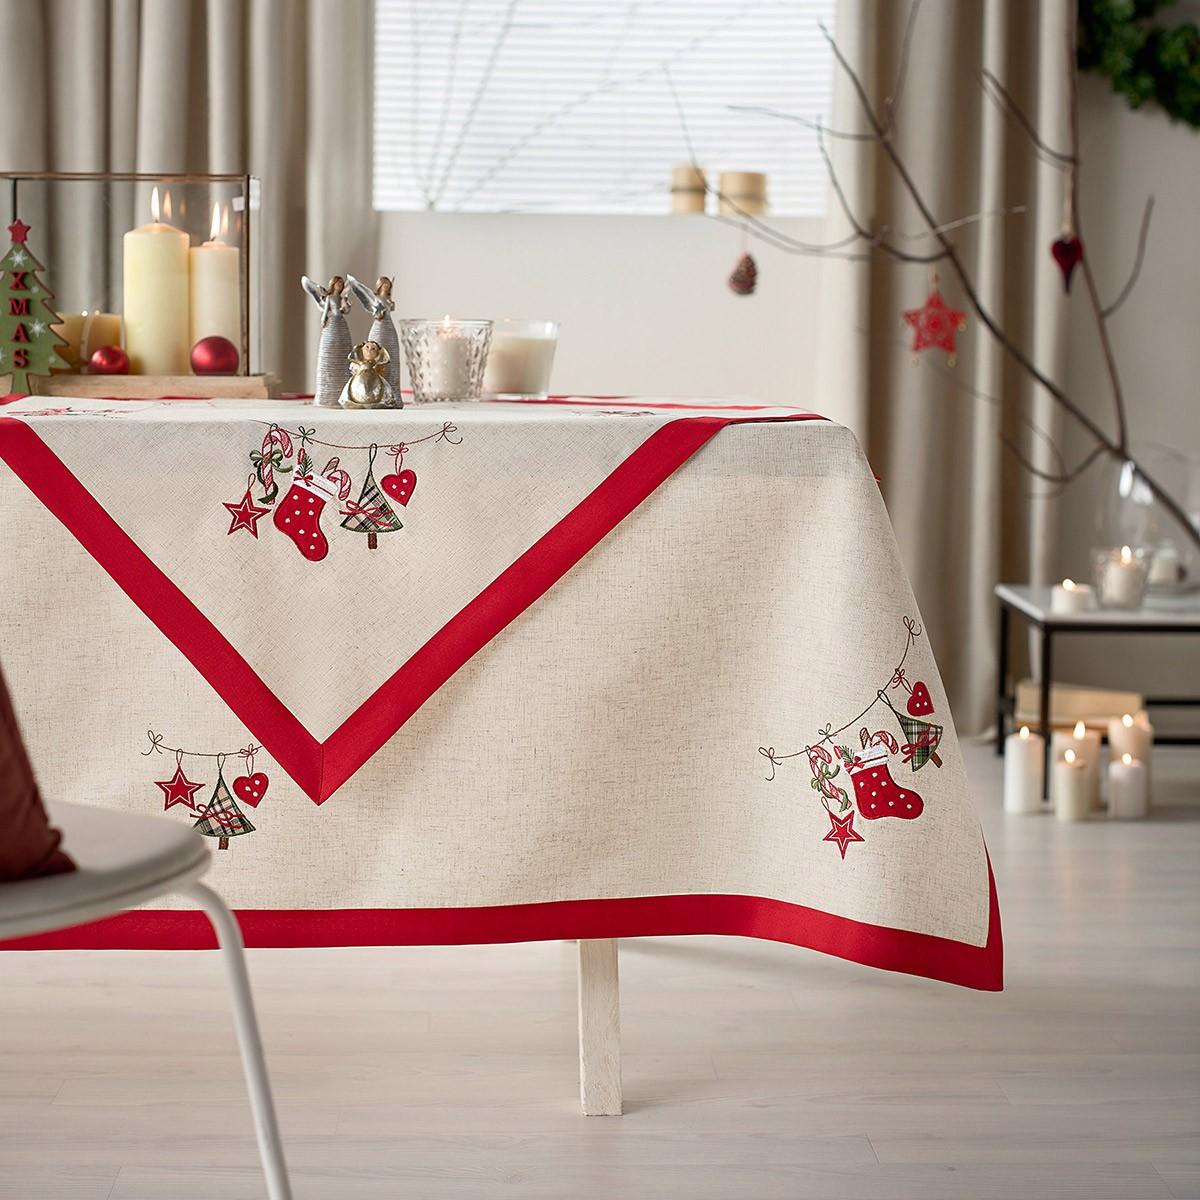 Χριστουγεννιάτικο Τραπεζομάντηλο (150×260) Gofis Home 106